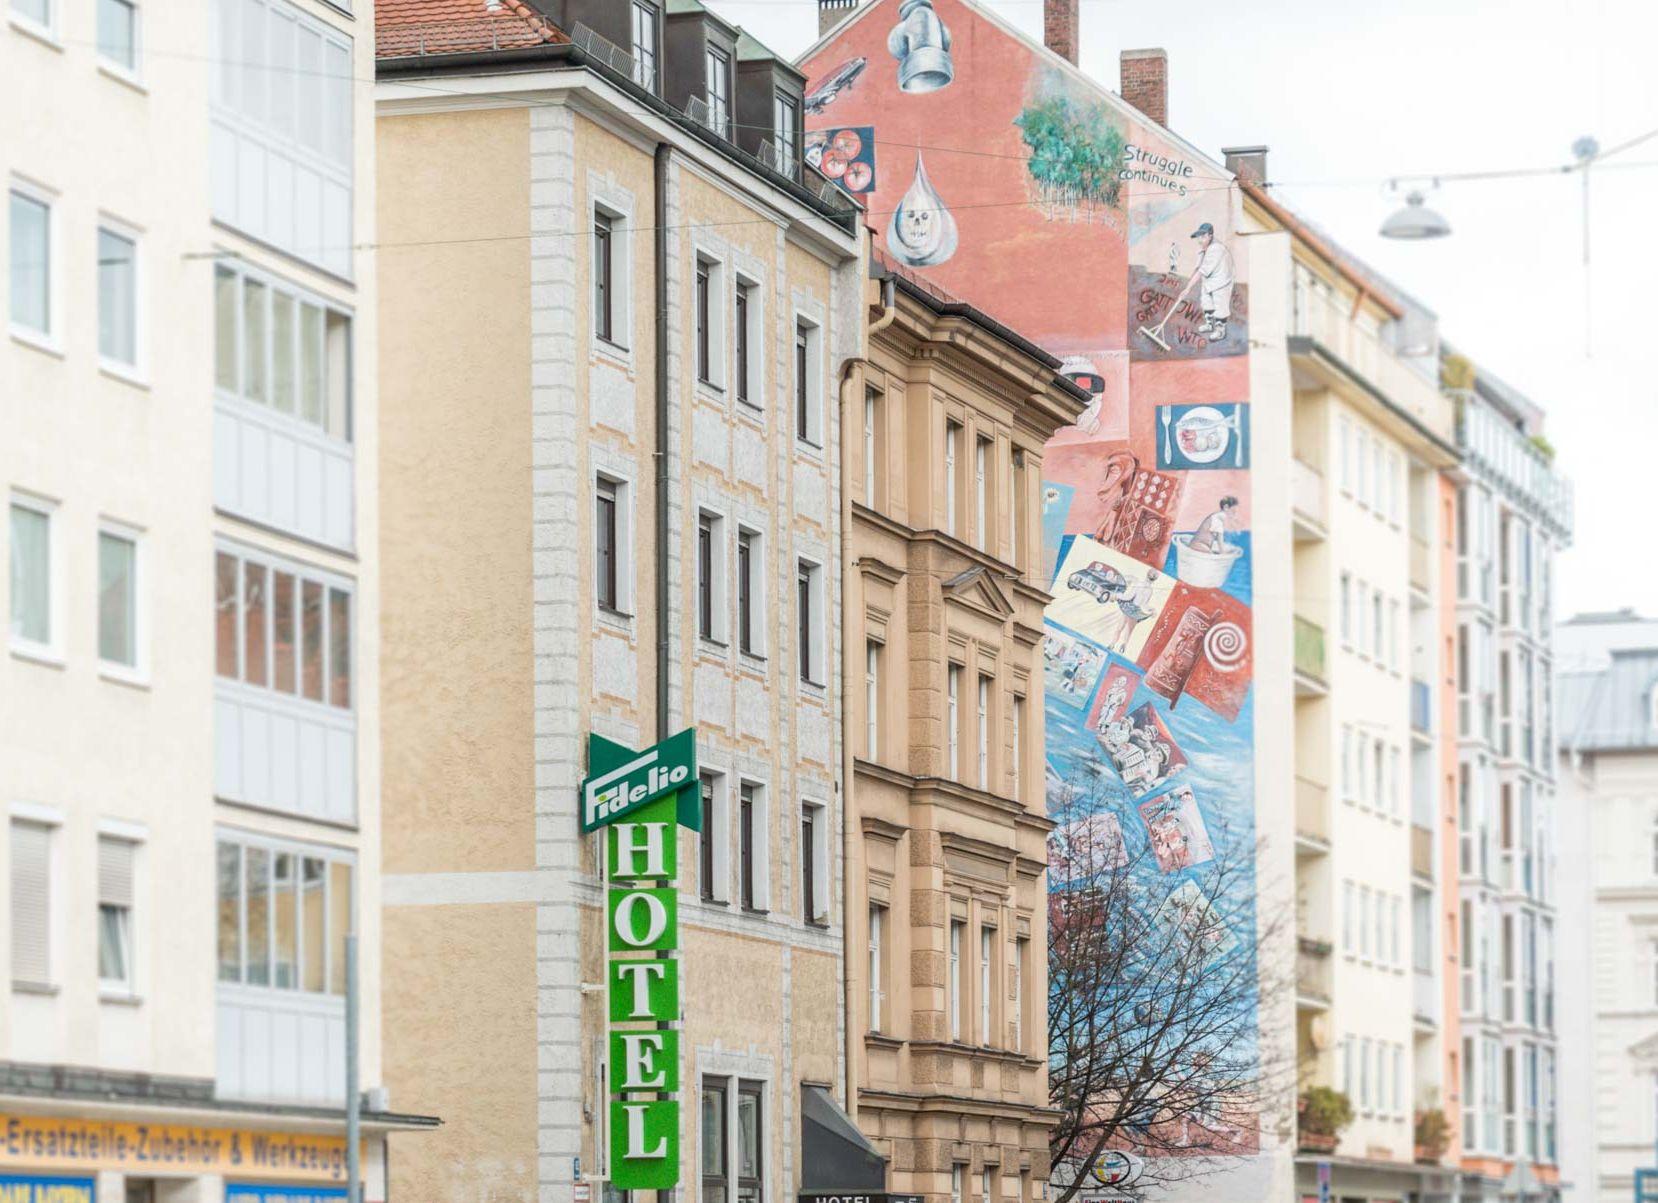 Hotel Fidelio Munich